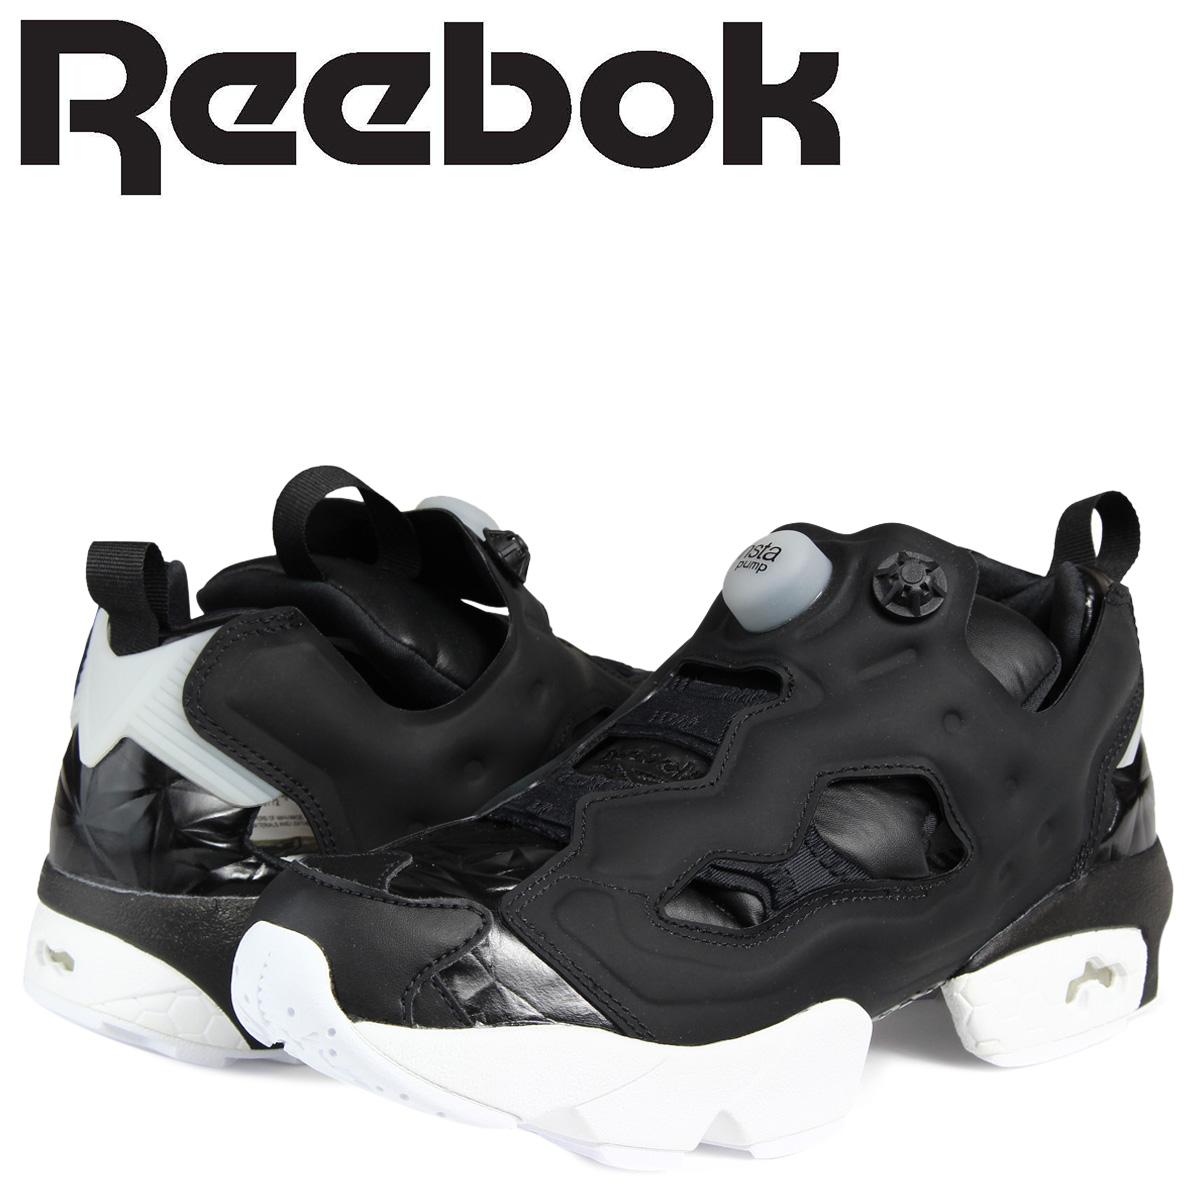 リーボックポンプフューリースニーカー Reebok INSTA PUMP FURY HYPE MET BD4890 Lady s men shoes  gray  load planned Shinnyu load in reservation product 10 16 ... 99c083a815d